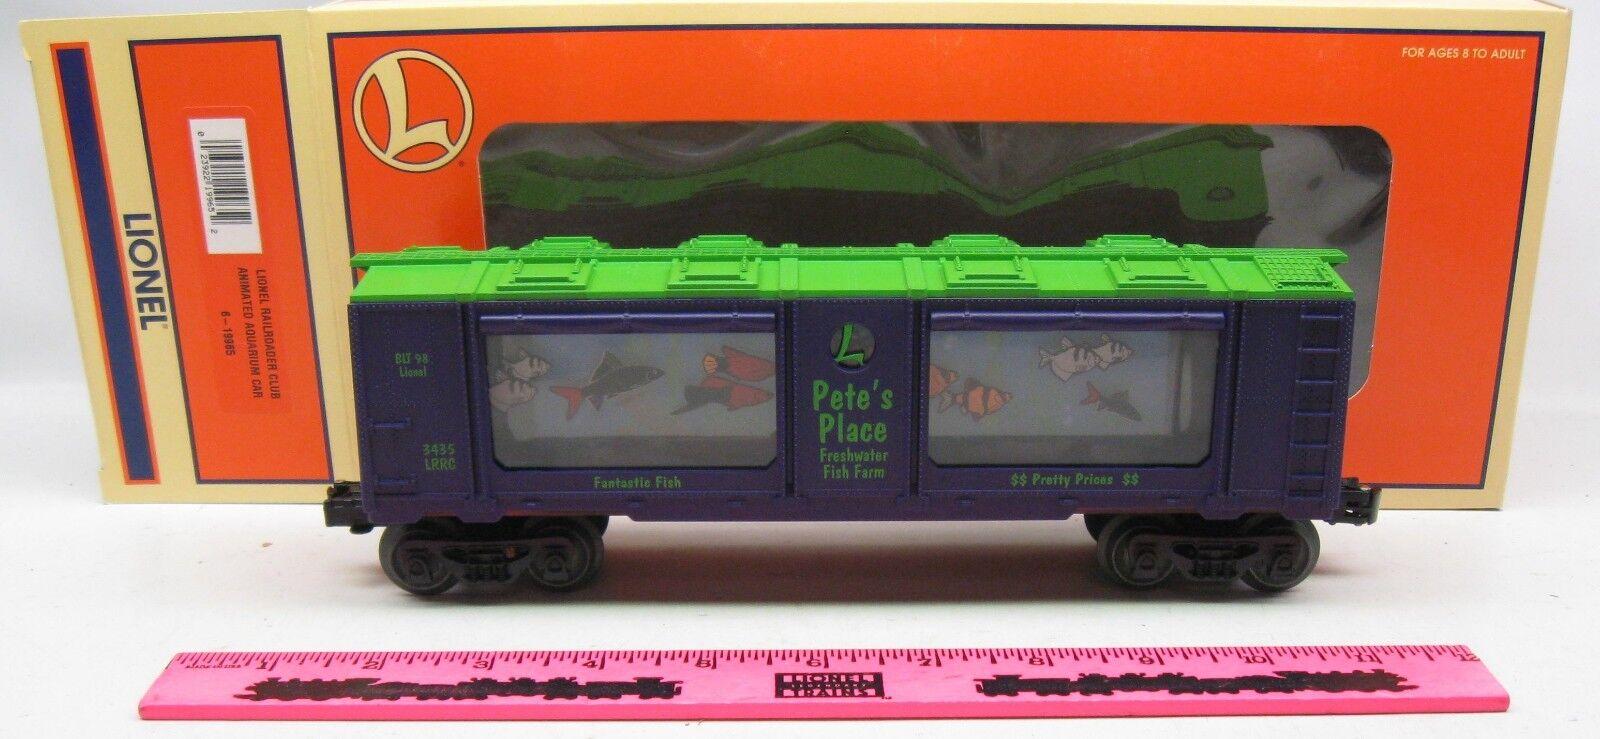 Lionel  6-19965 Lionel Railroader Club Animated Aquarium car